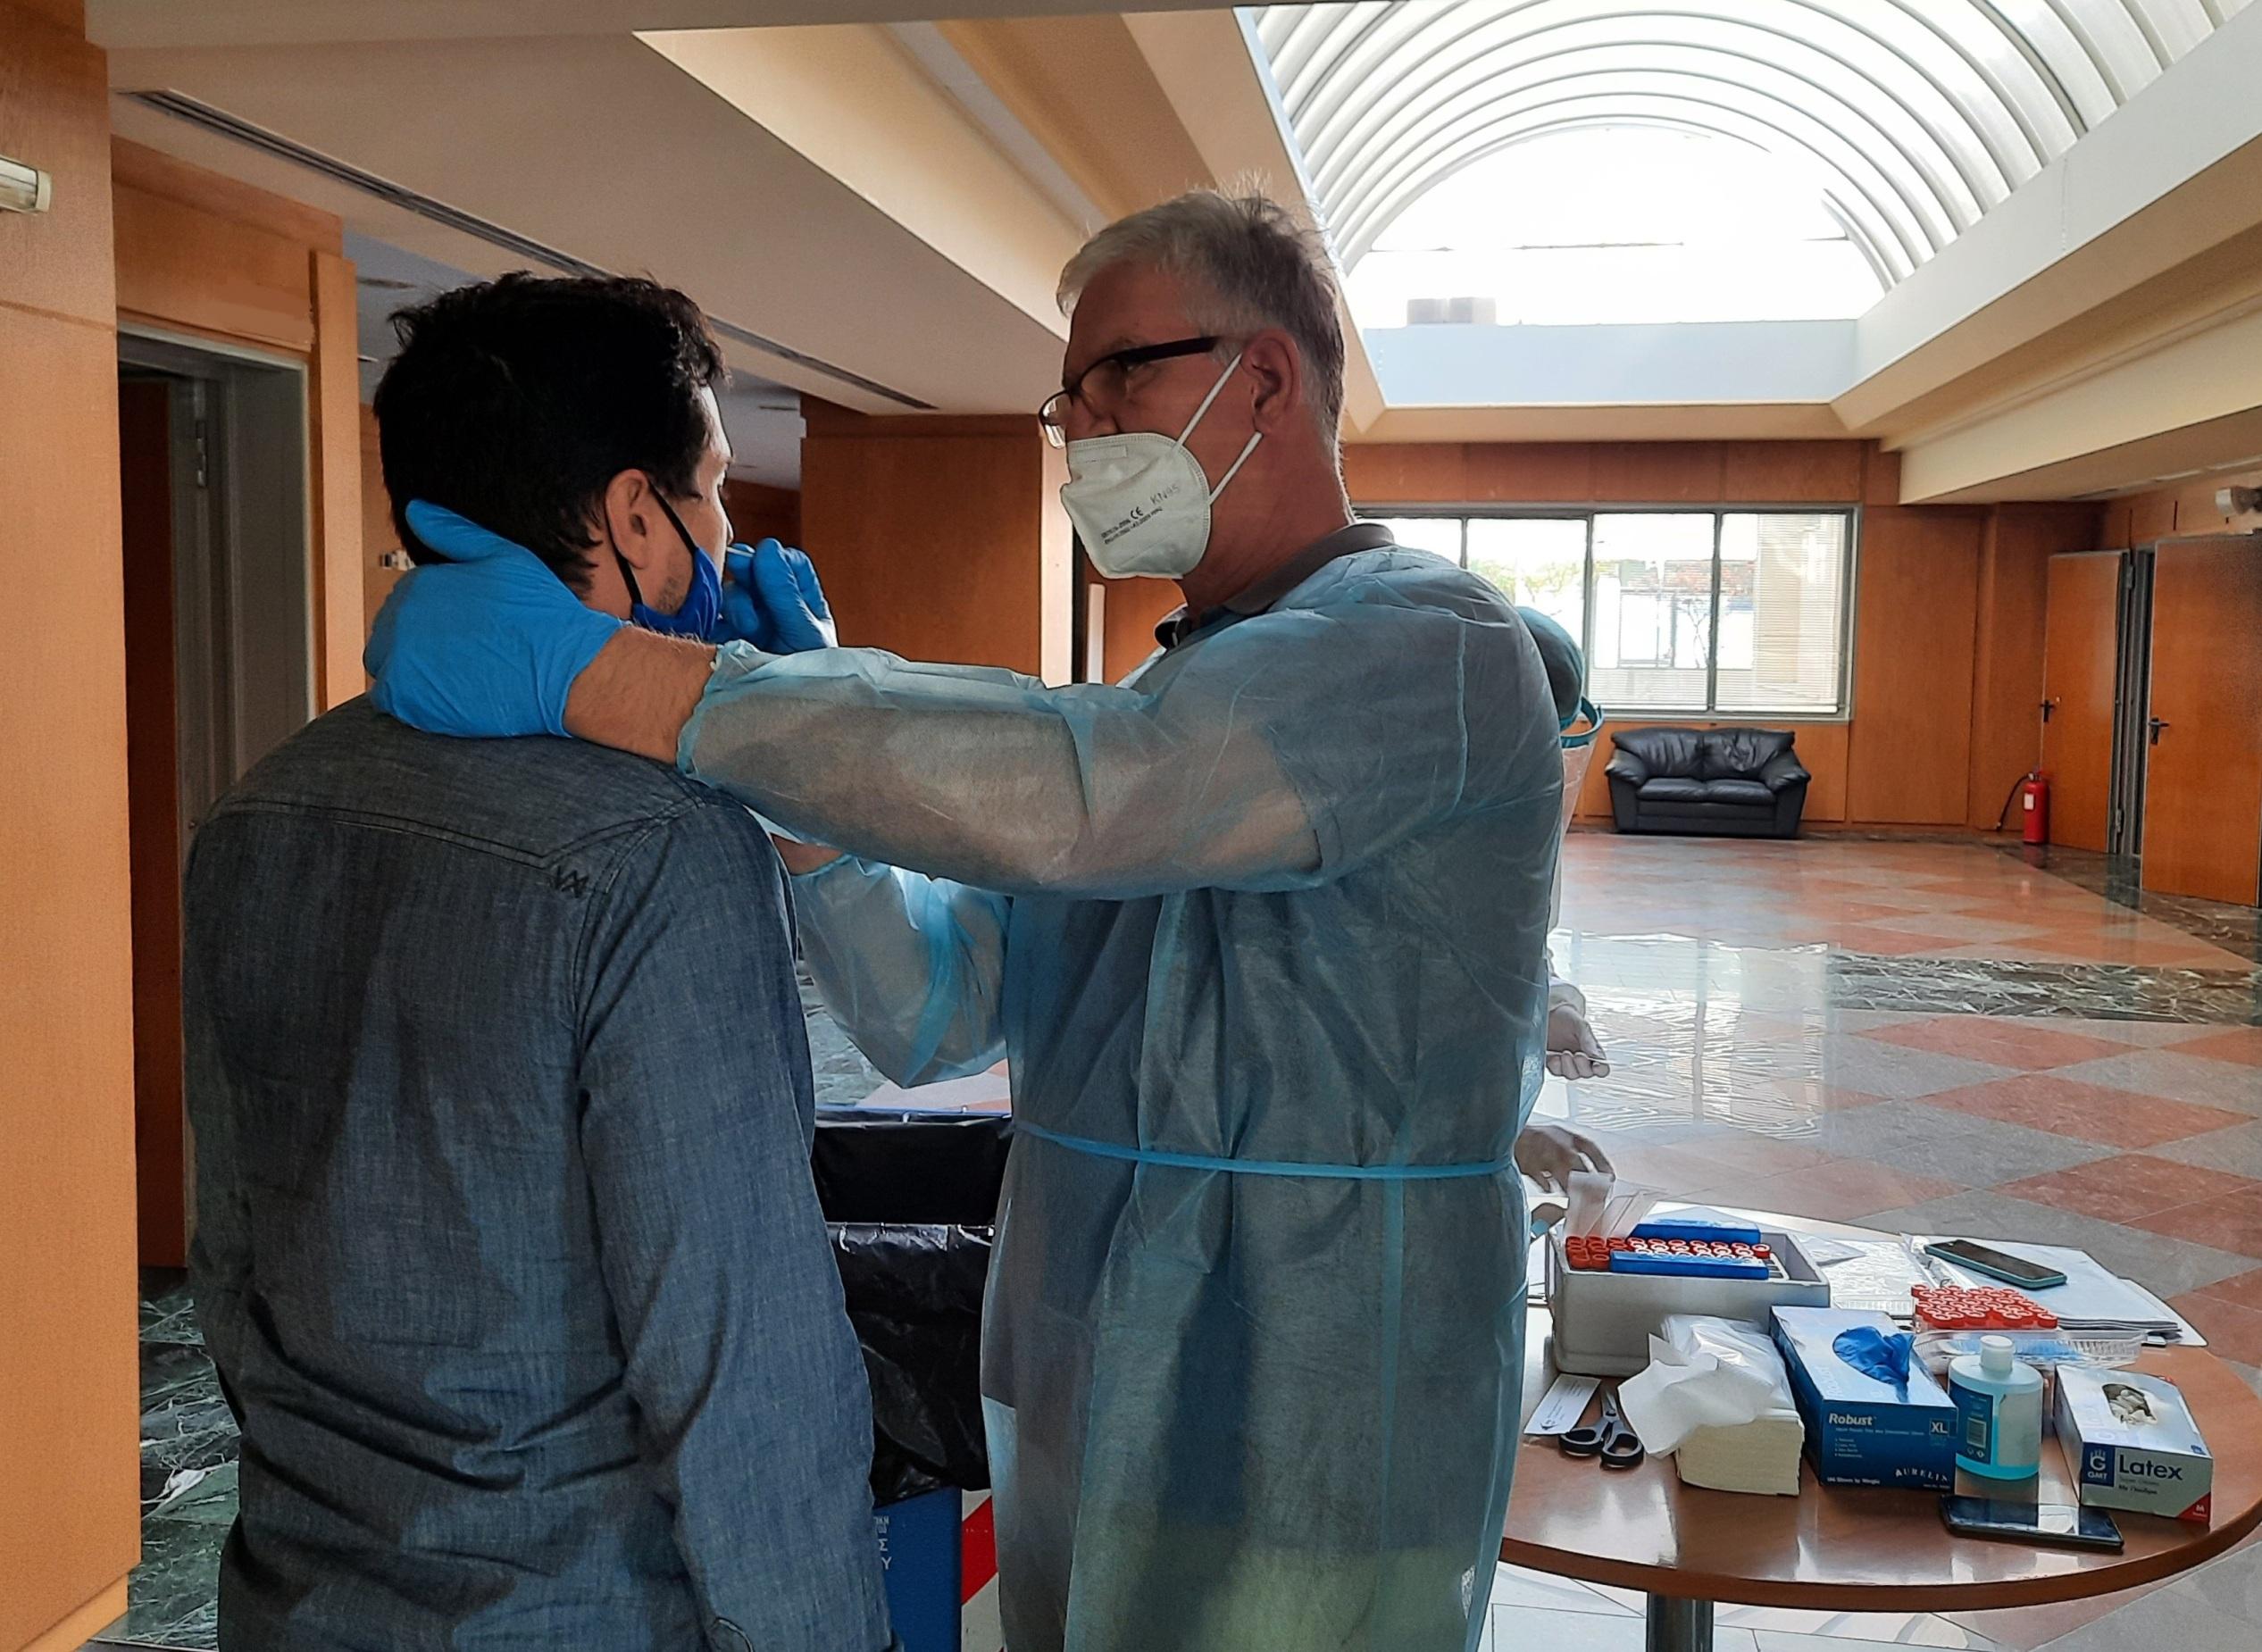 Πύργος: Προληπτικός έλεγχος μοριακής ανίχνευσης για τον Covid – 19 στους εργαζόμενους της Π.Ε Ηλείας